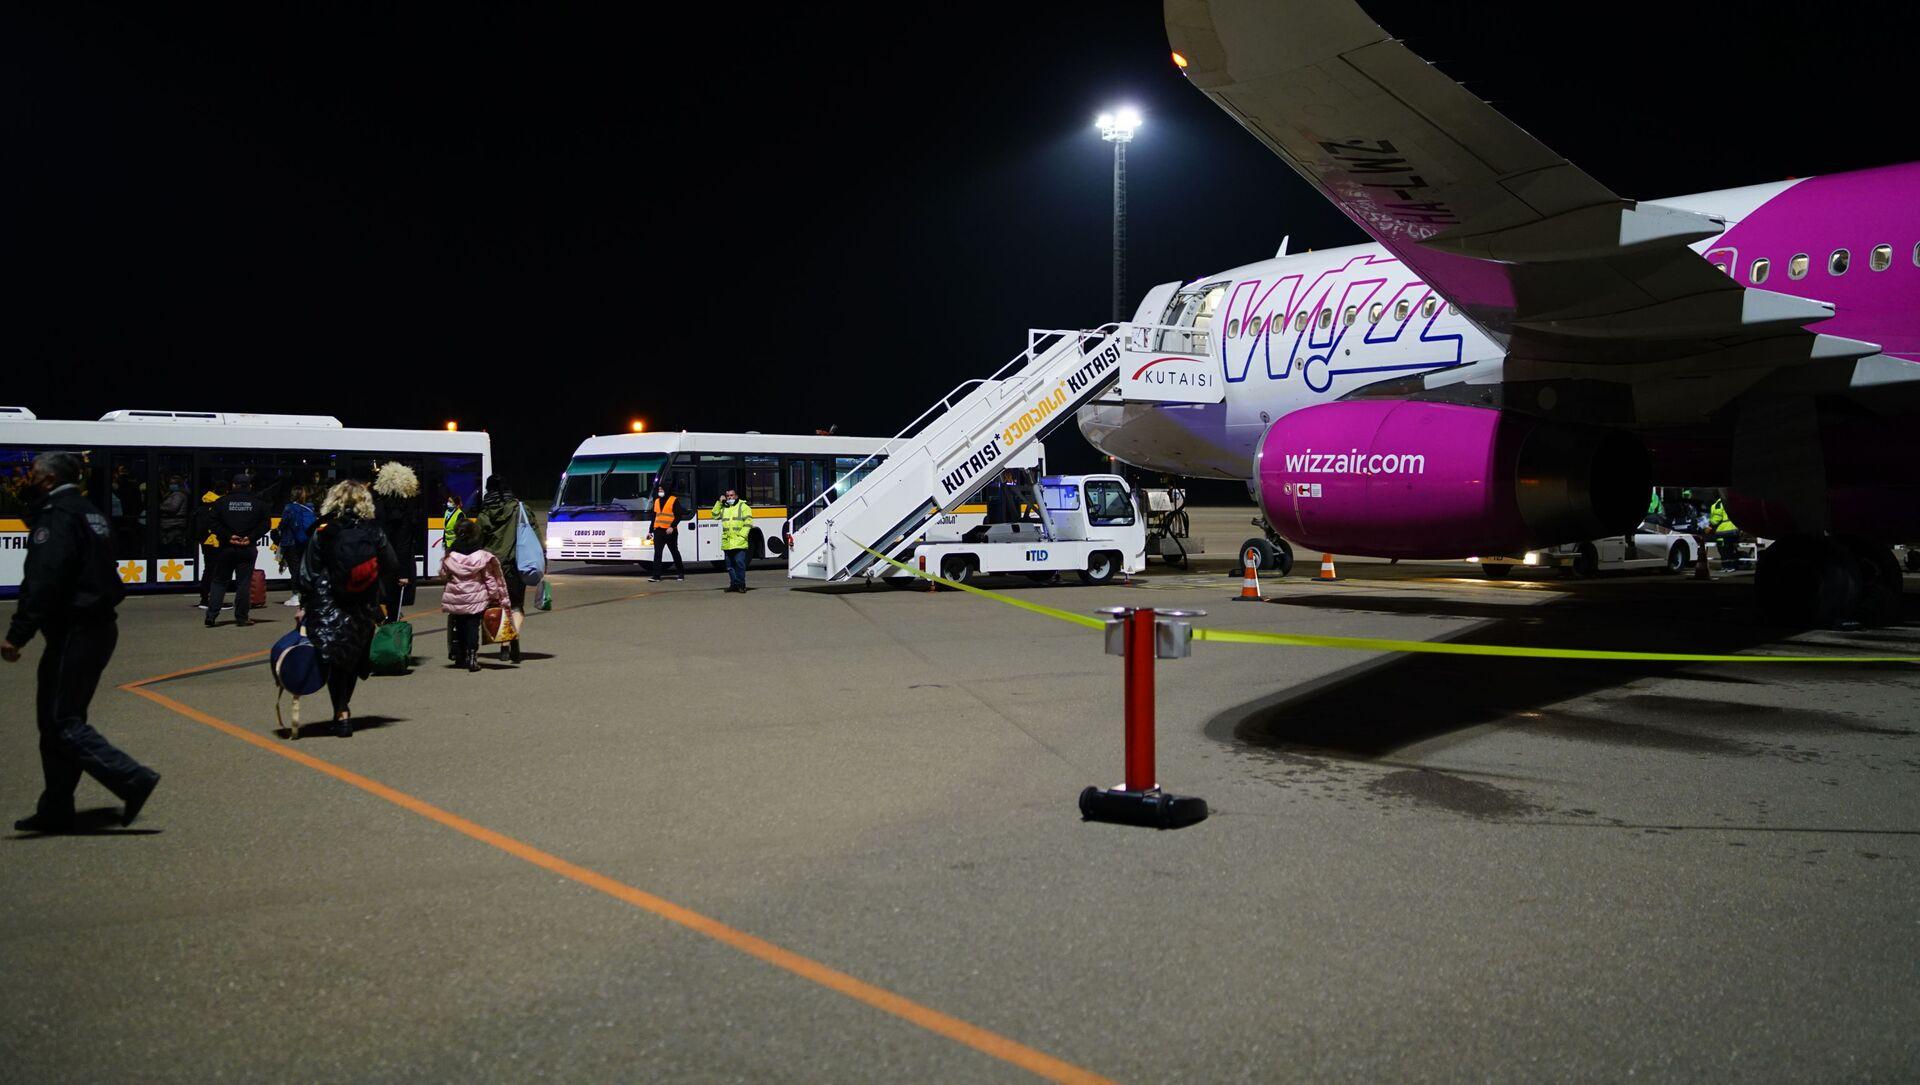 კომპანია WizzAir-ის თვითმფრინავი ქუთაისის აეროპორტში - Sputnik საქართველო, 1920, 30.05.2021